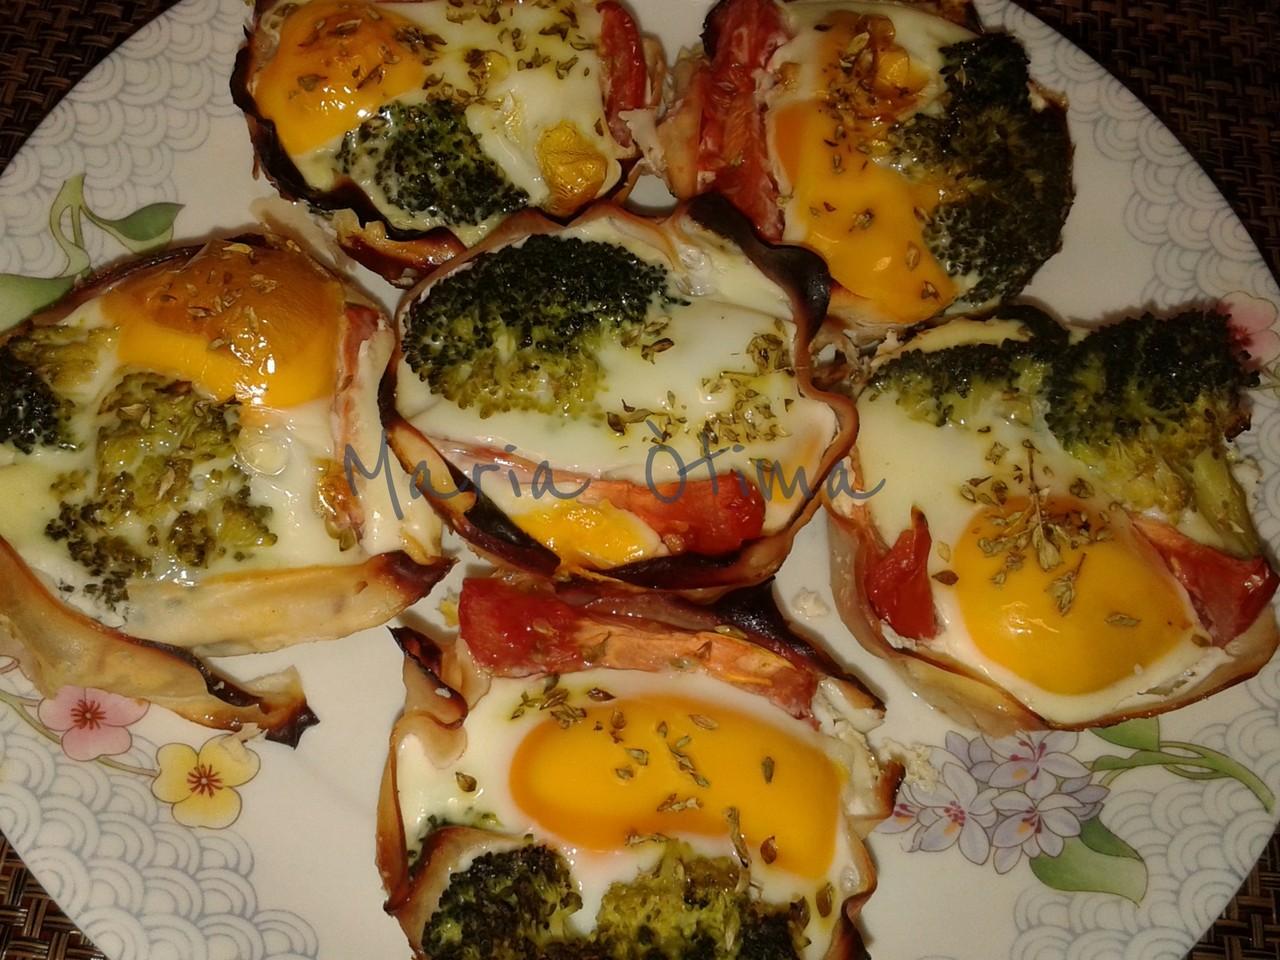 Ovos estrelados2.jpg